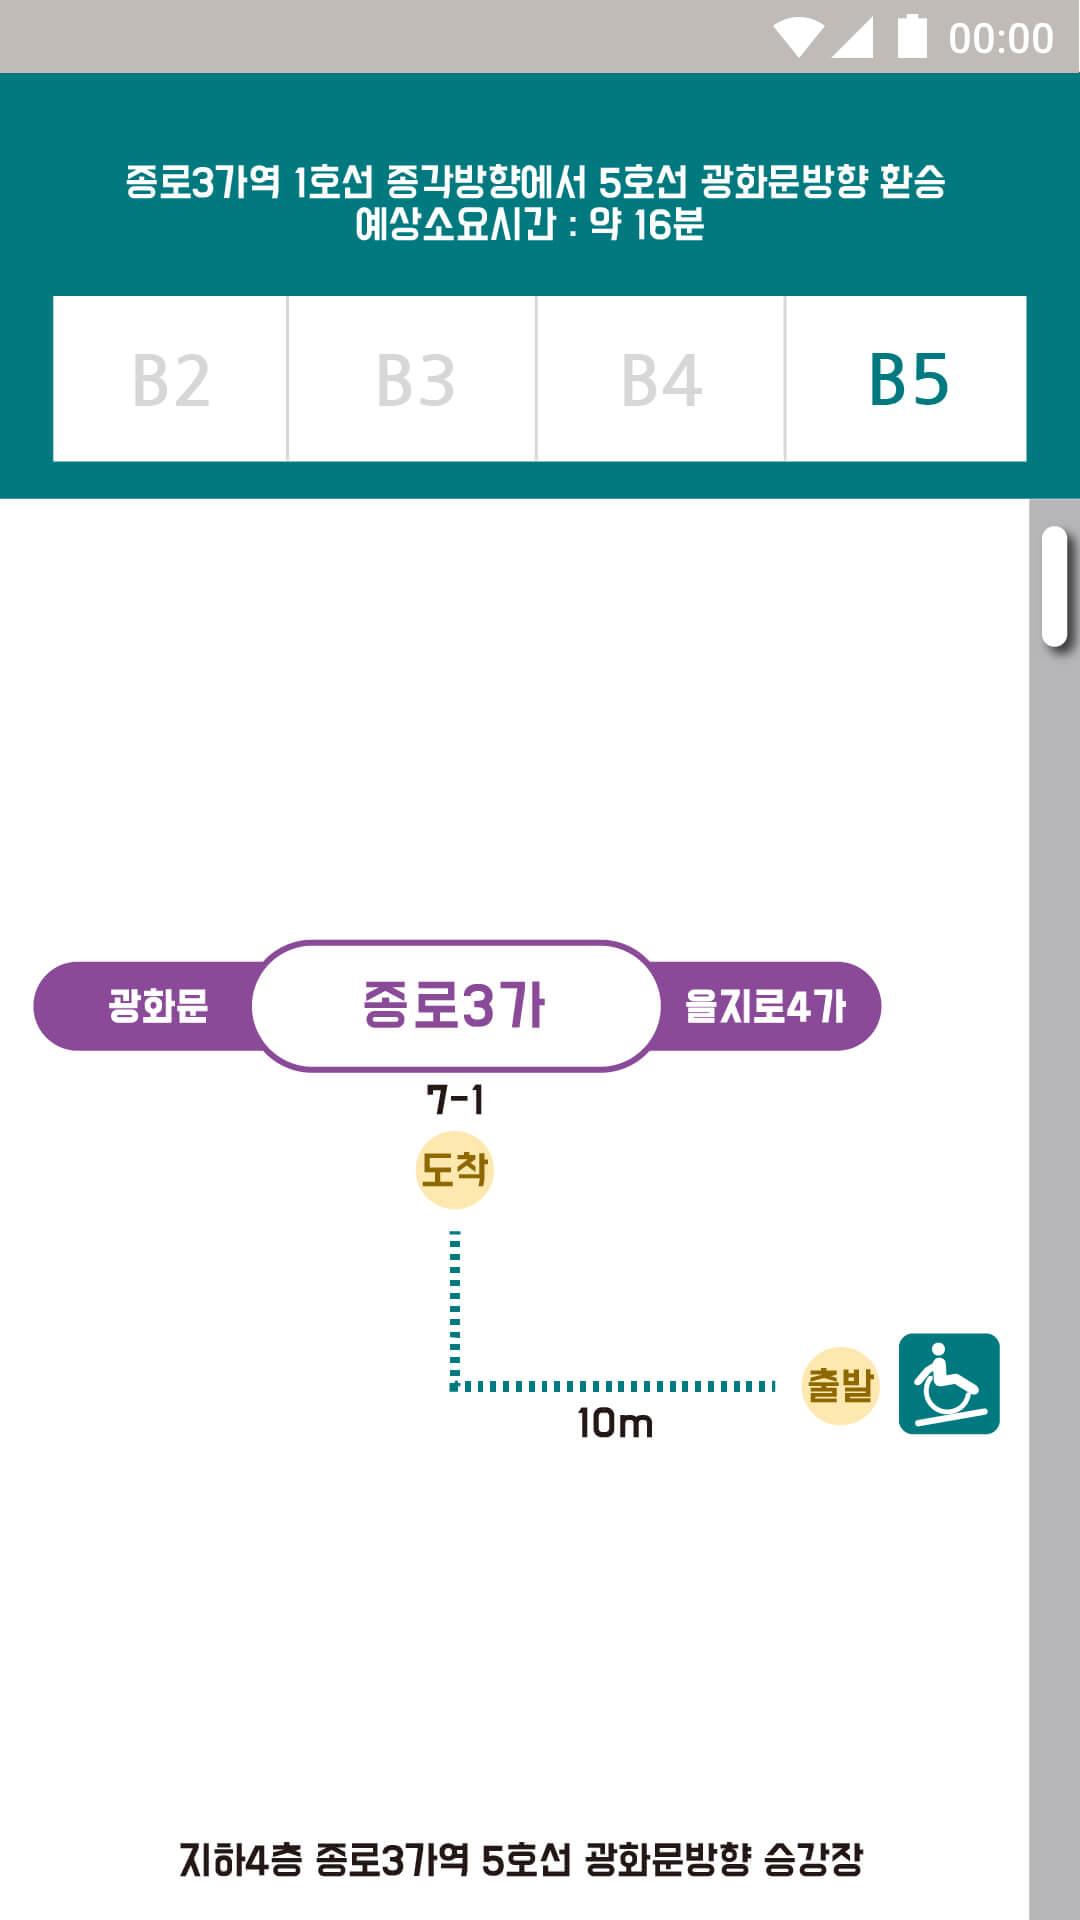 종로3가역 B5